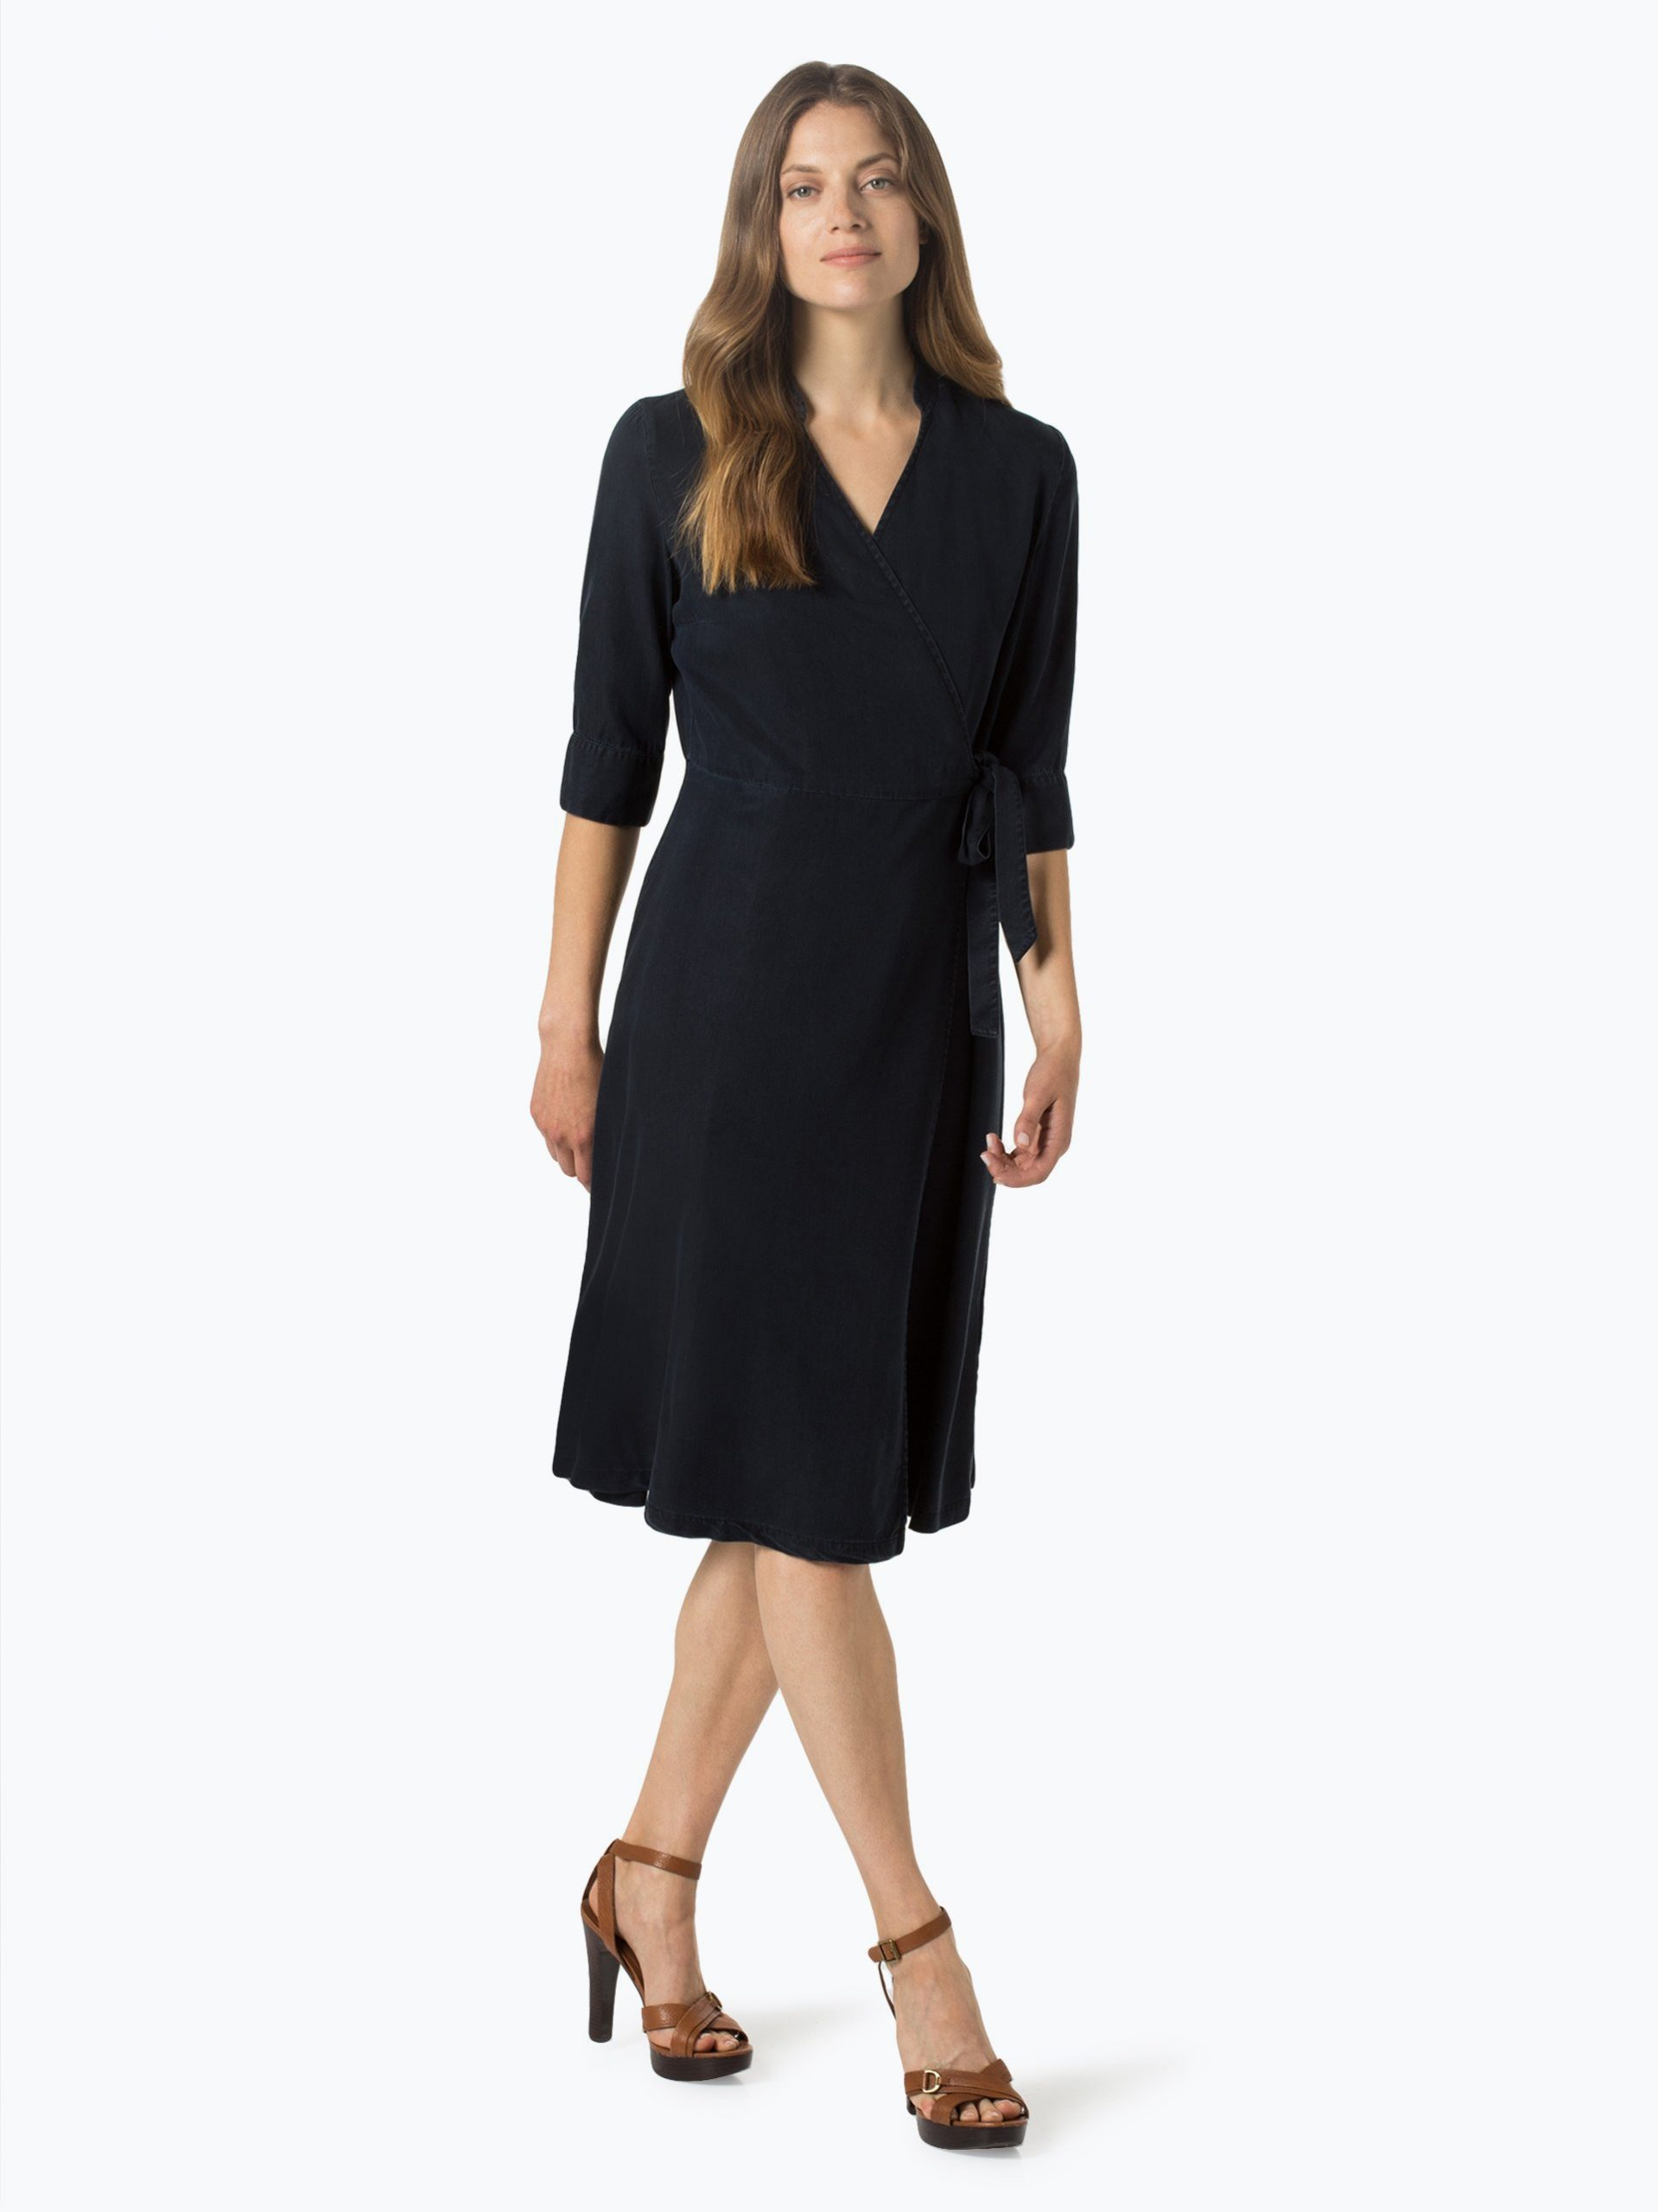 Marc O'polo Damen Kleid Online Kaufen  Peekund